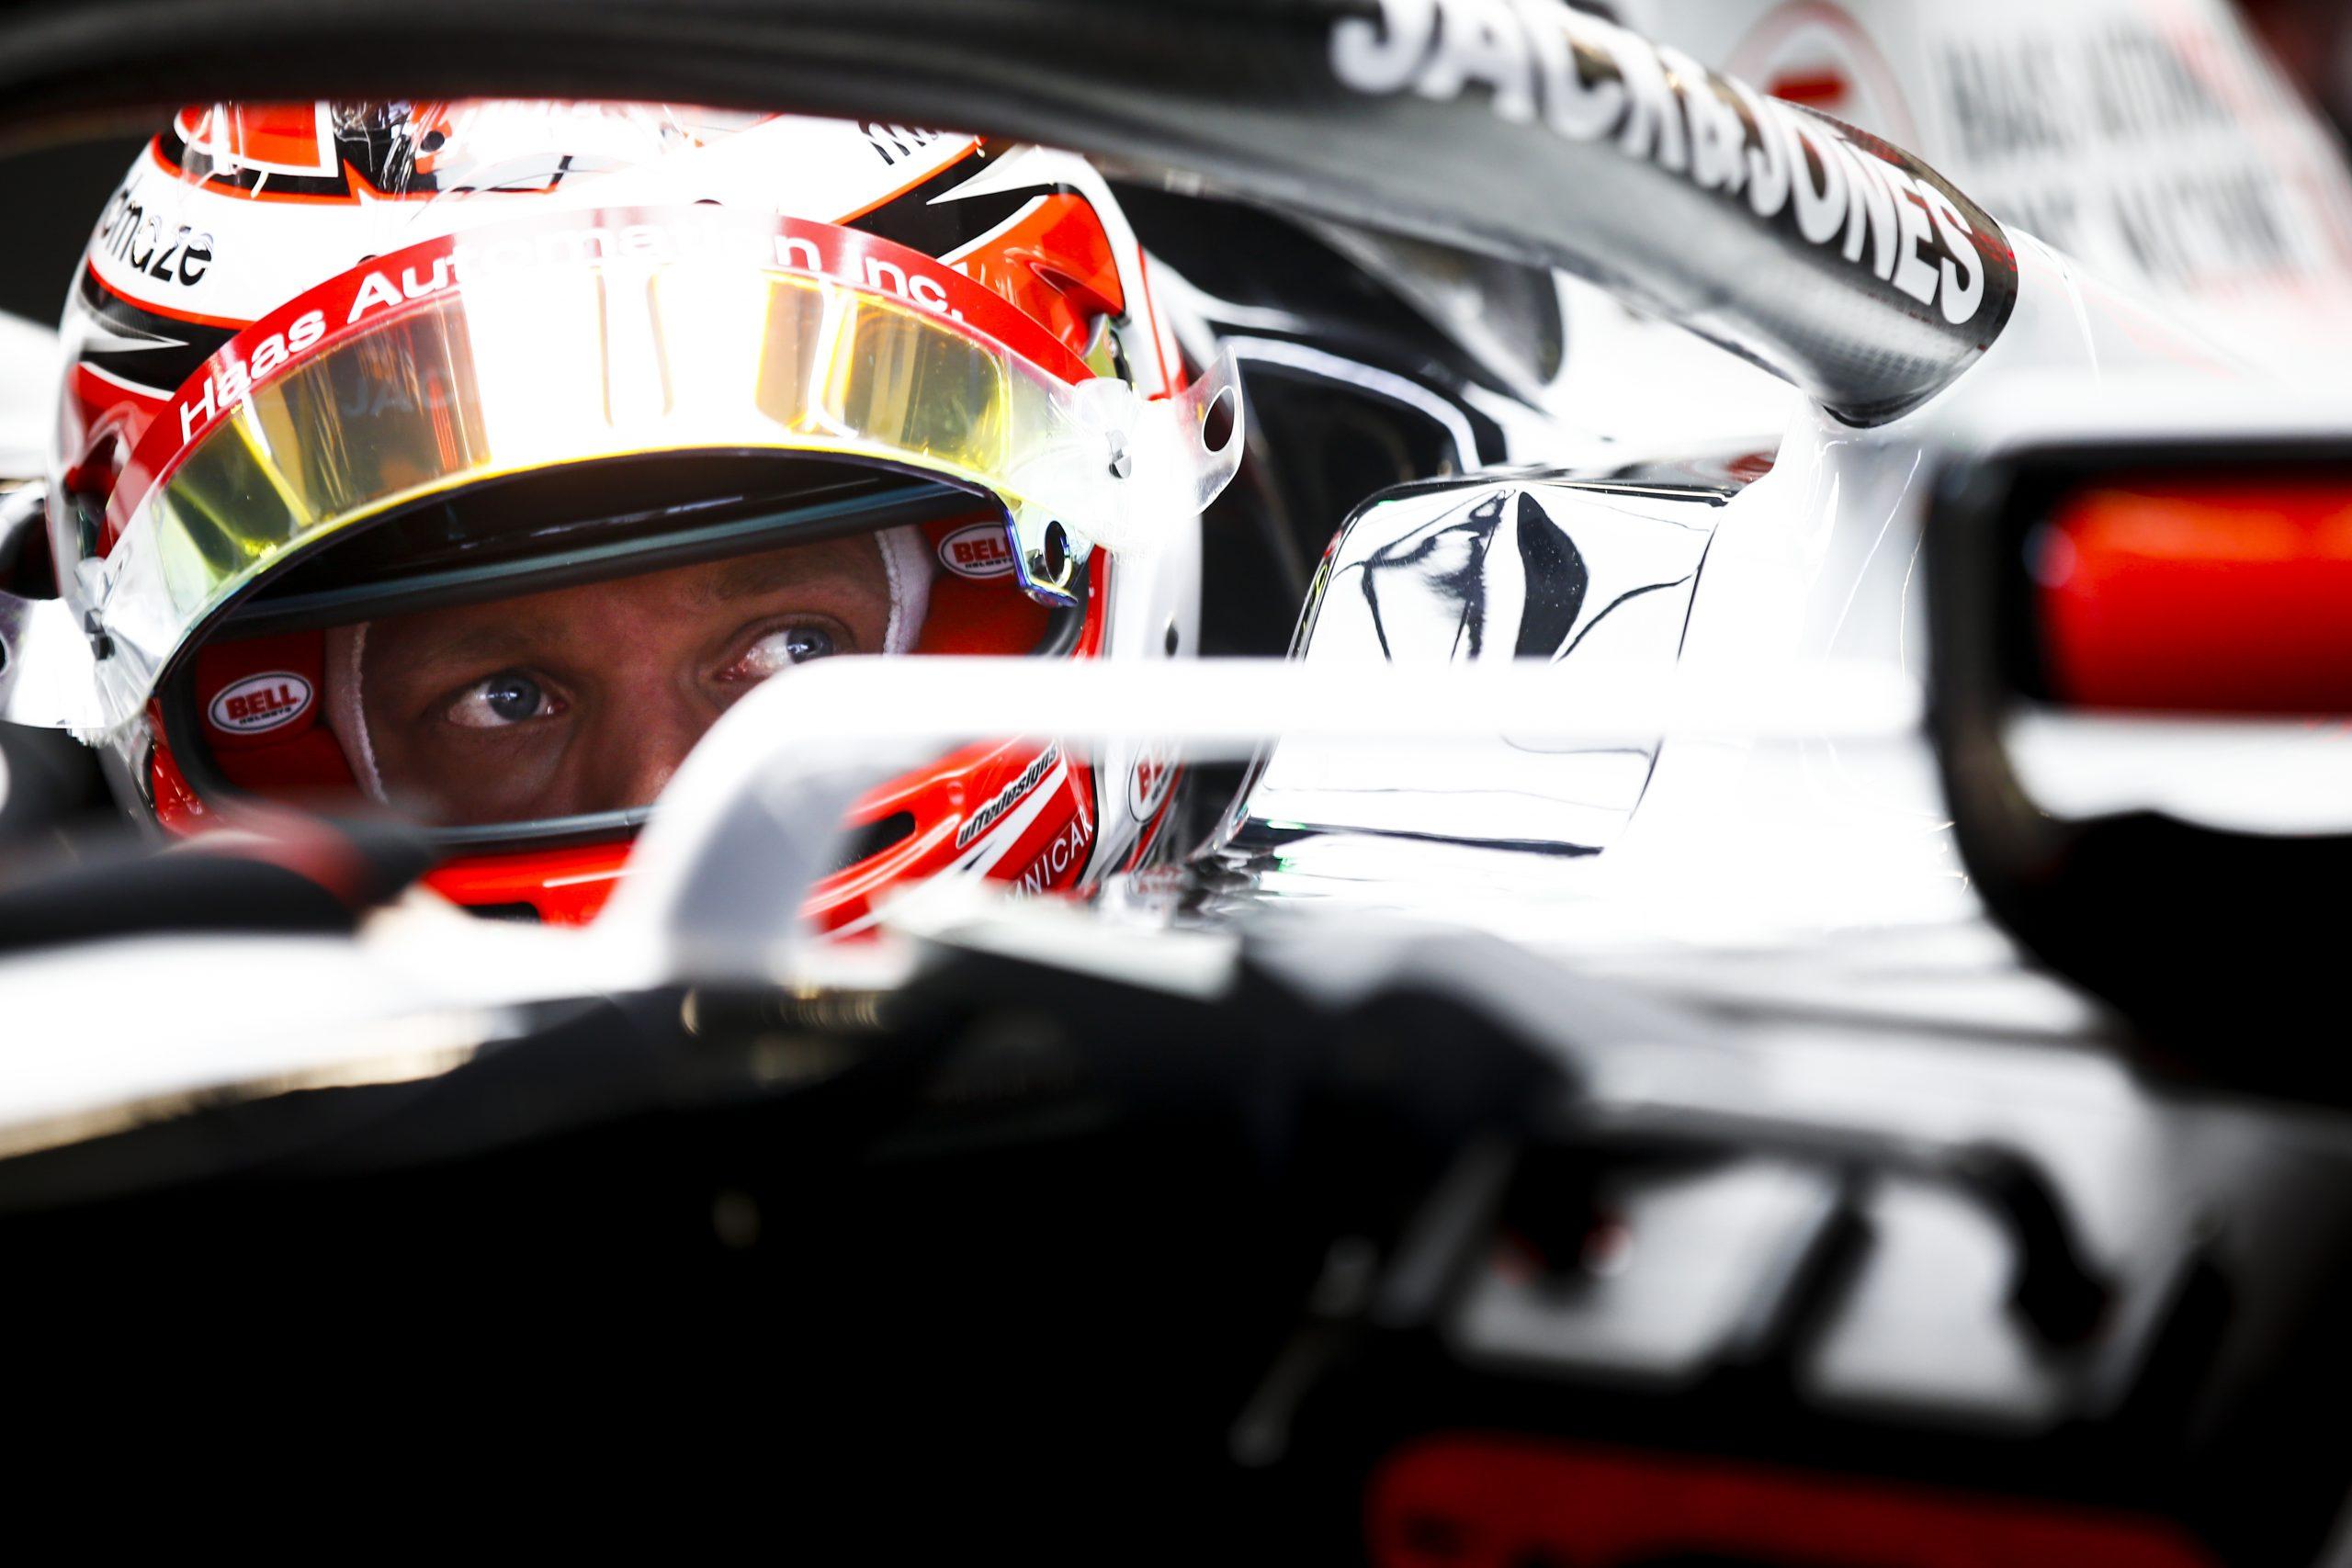 F1 - La piste de Melbourne ne convient pas au style de pilotage de Magnussen